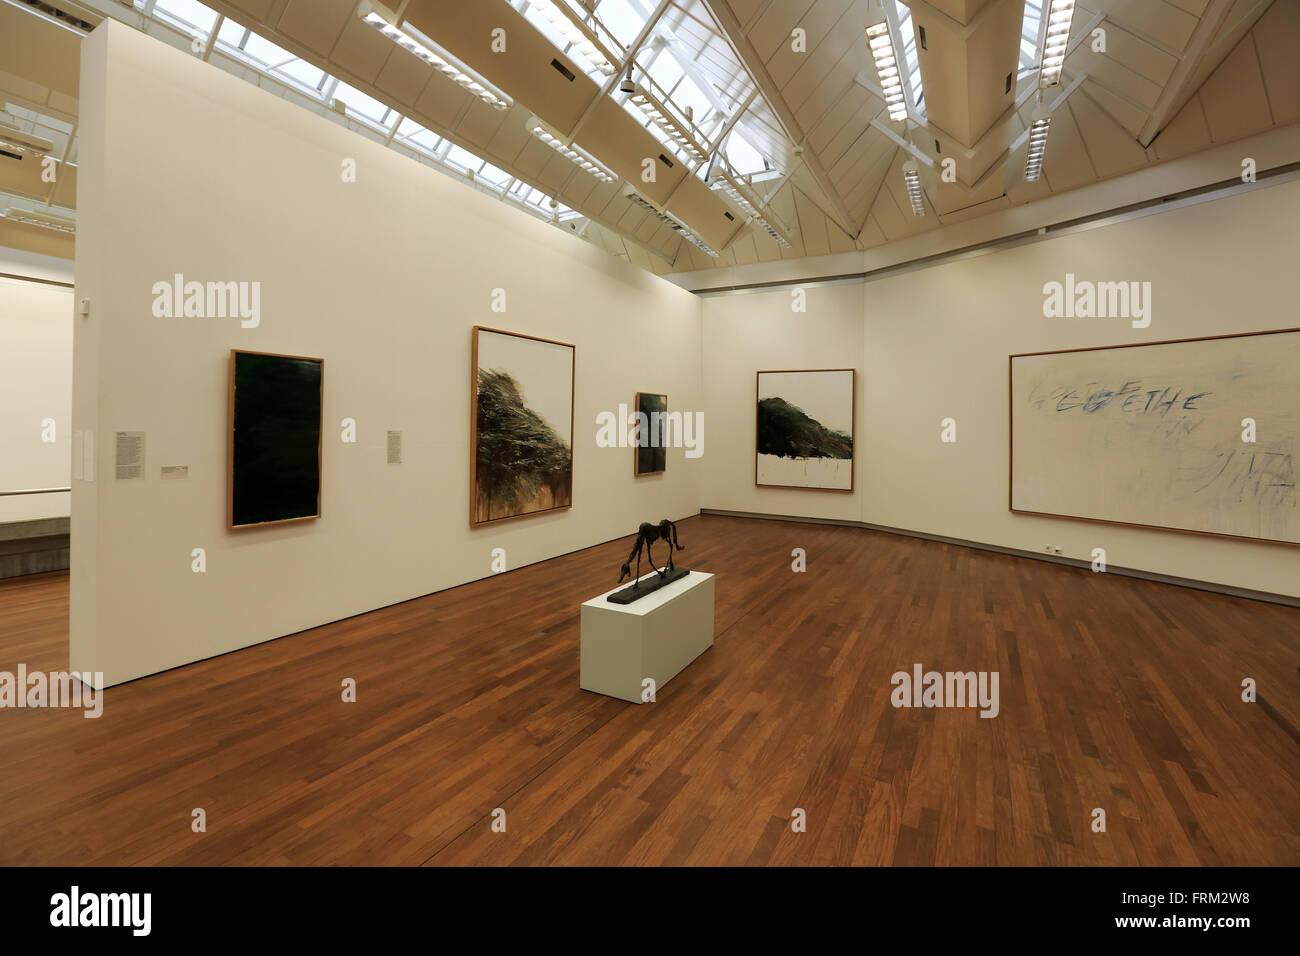 La fotografia mostra nel Kunsthaus di Zurigo Il museo d arte moderna di Zurigo, Zurigo, Svizzera Immagini Stock